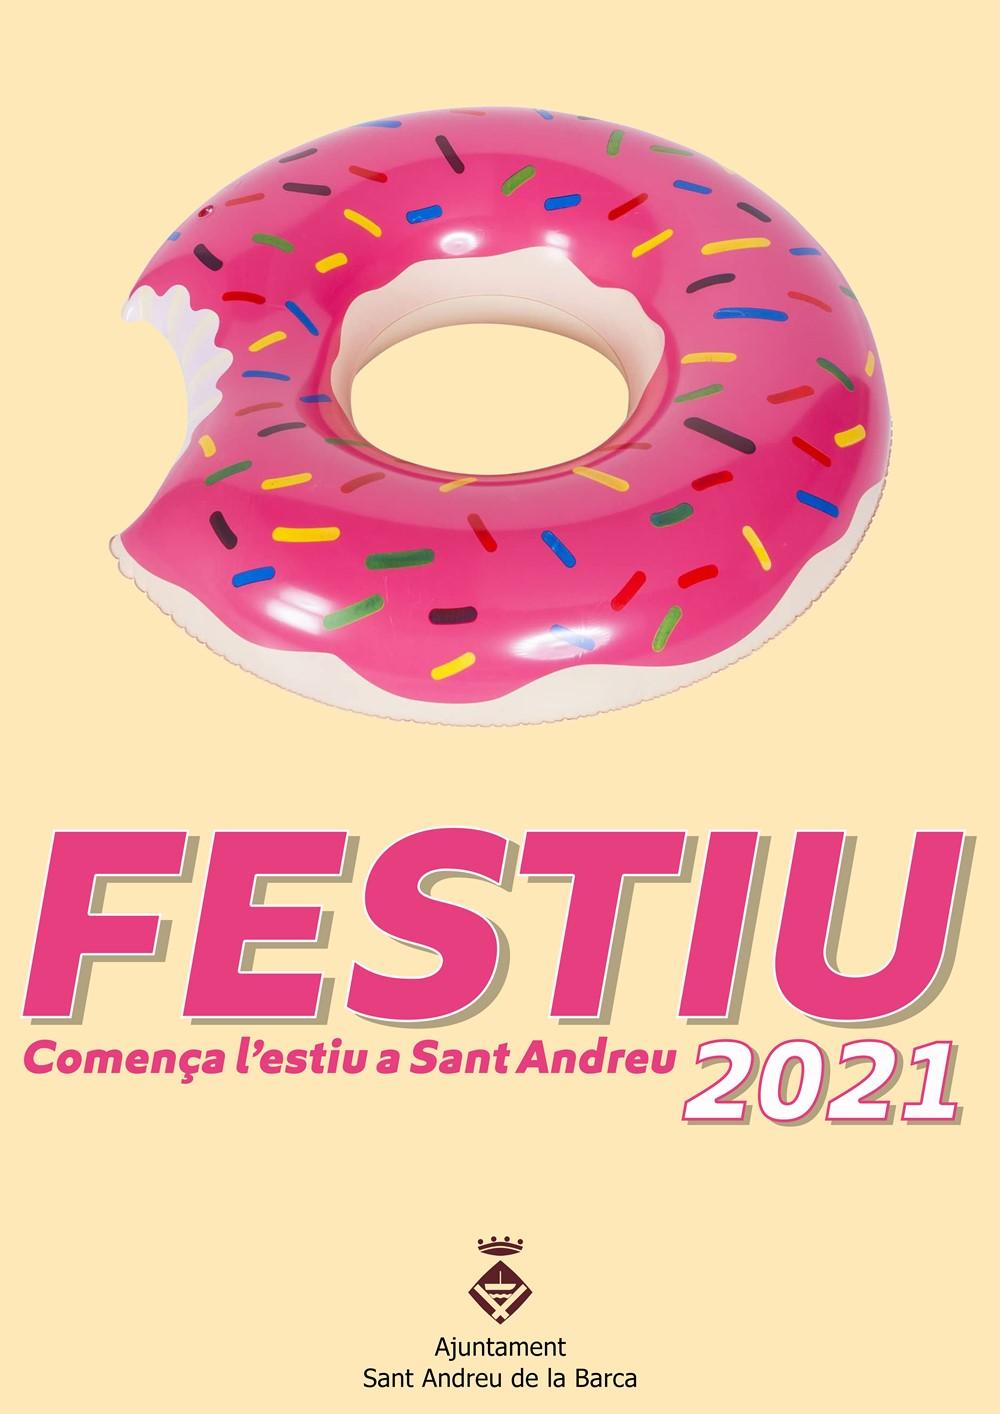 Festiu 2021